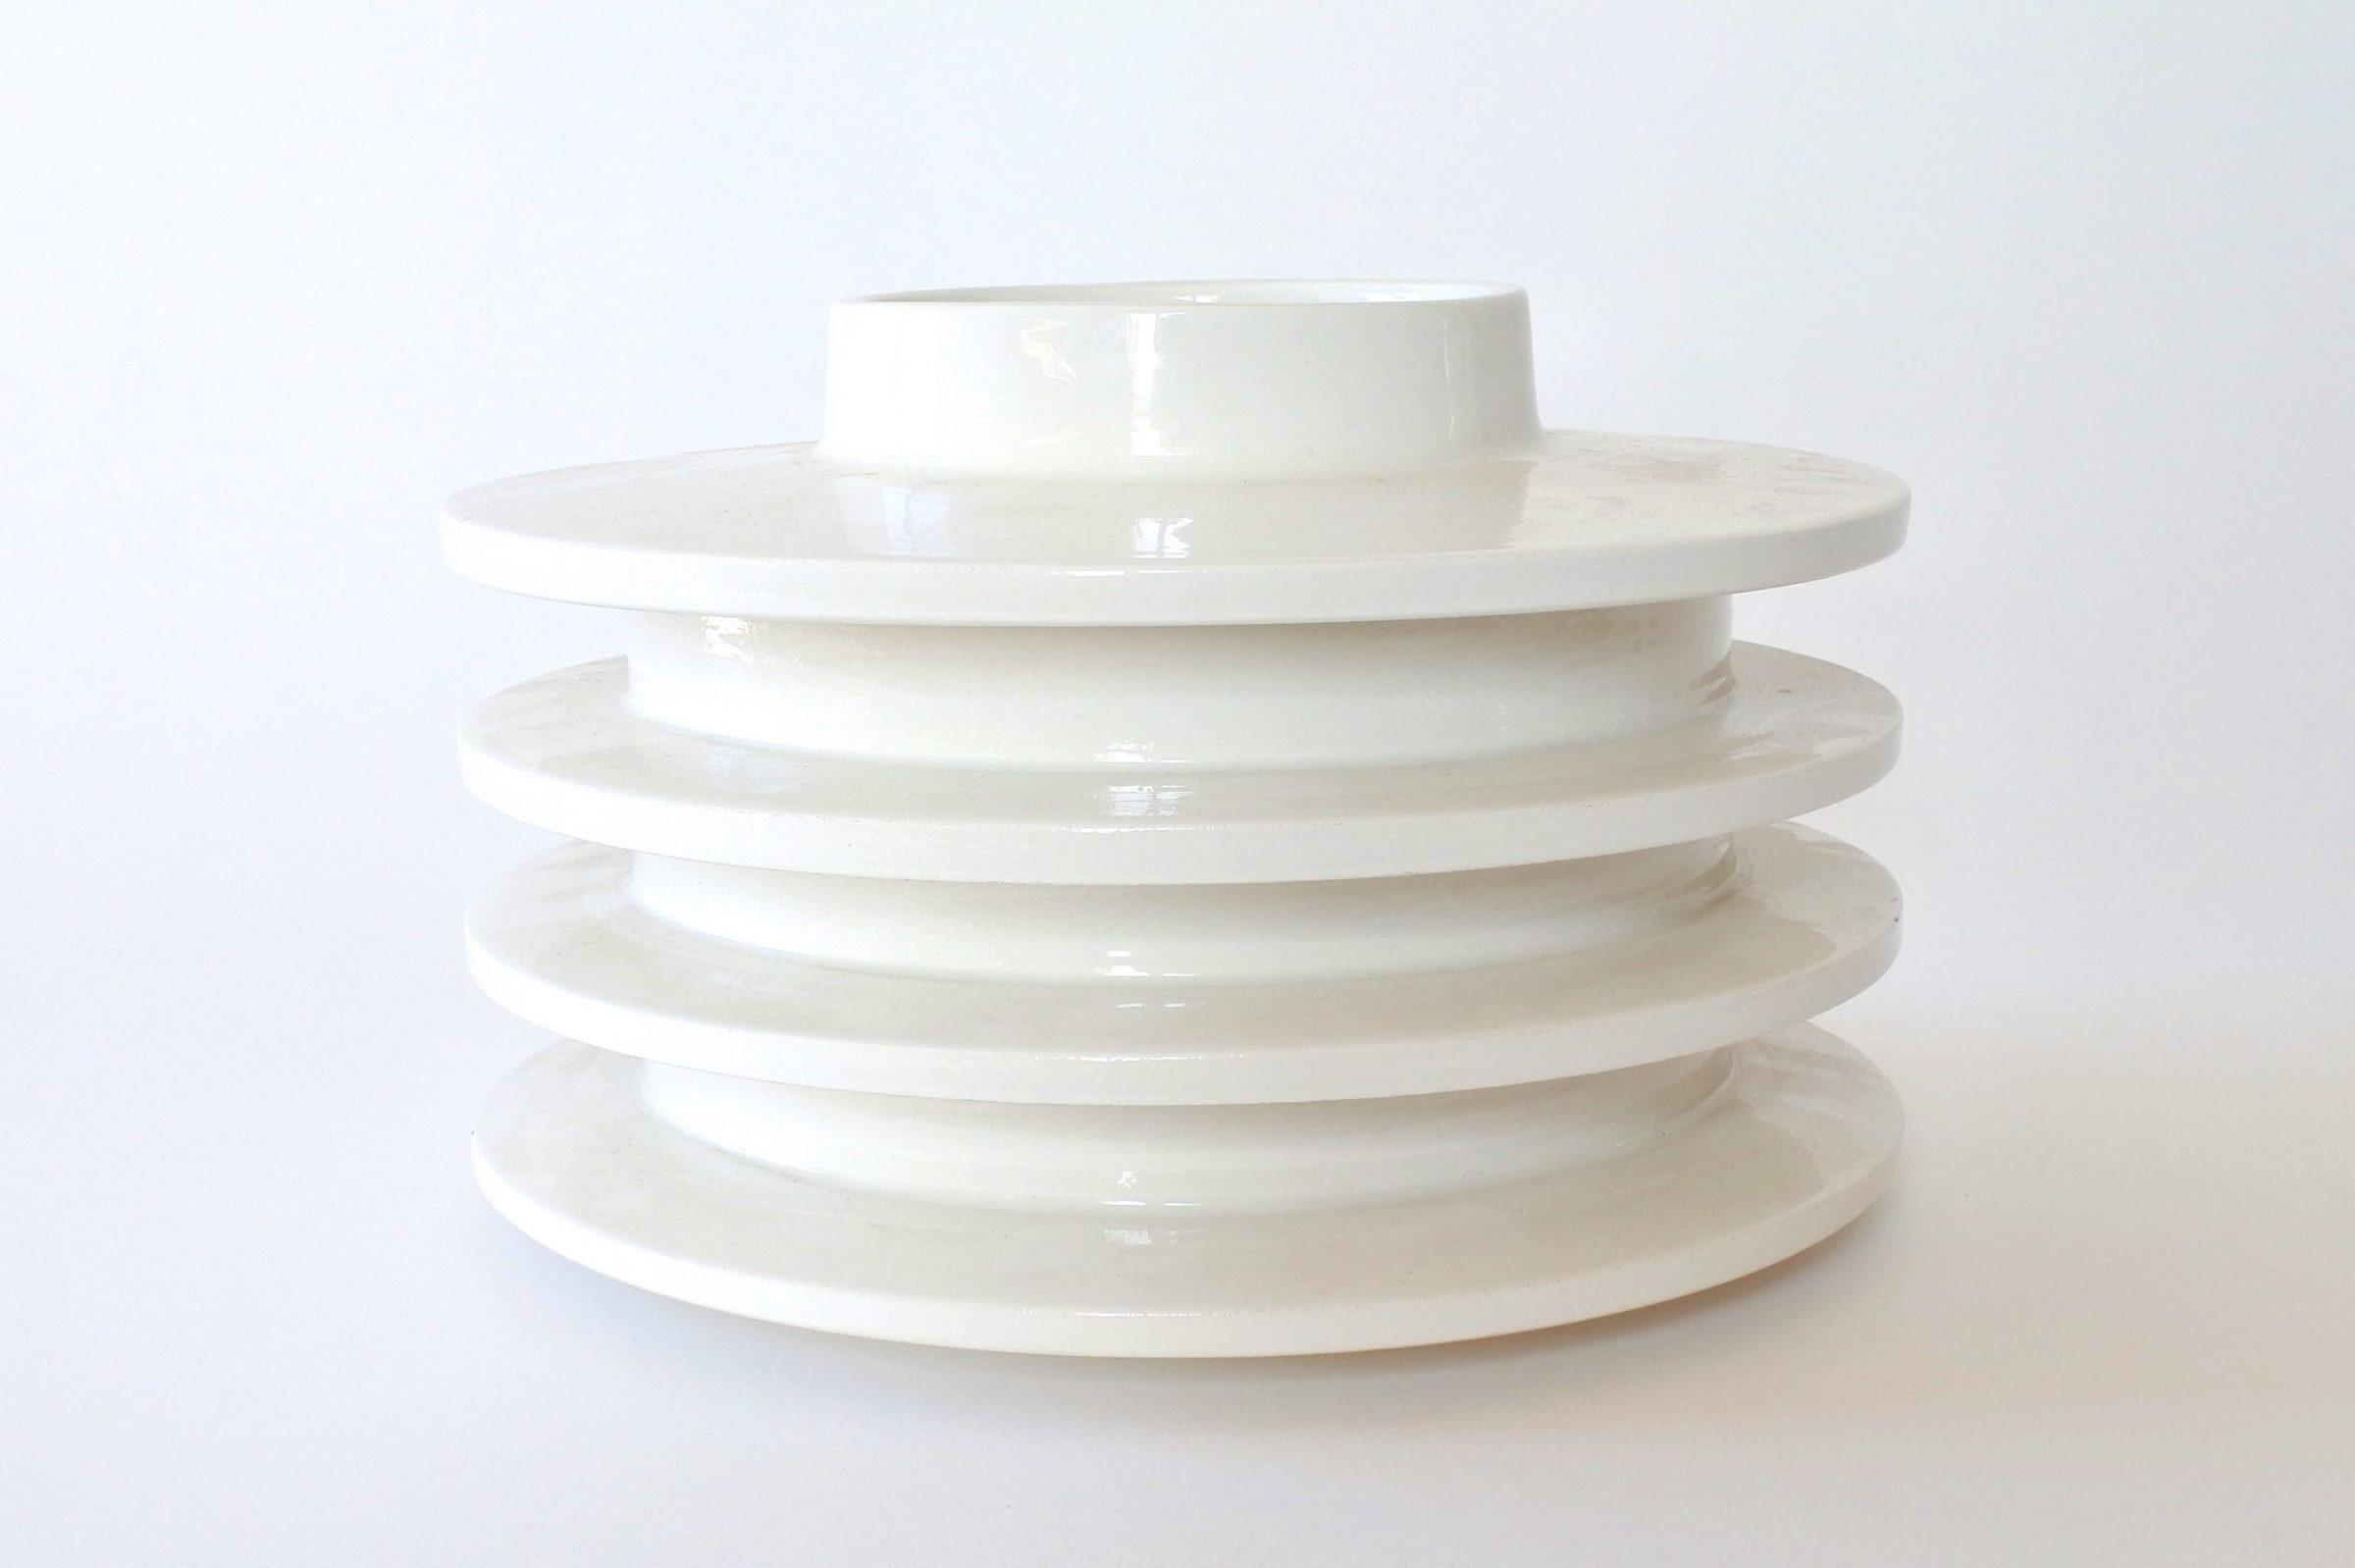 Vaso isolatore in ceramica bianca - E. Sottsass per ceramiche Bitossi